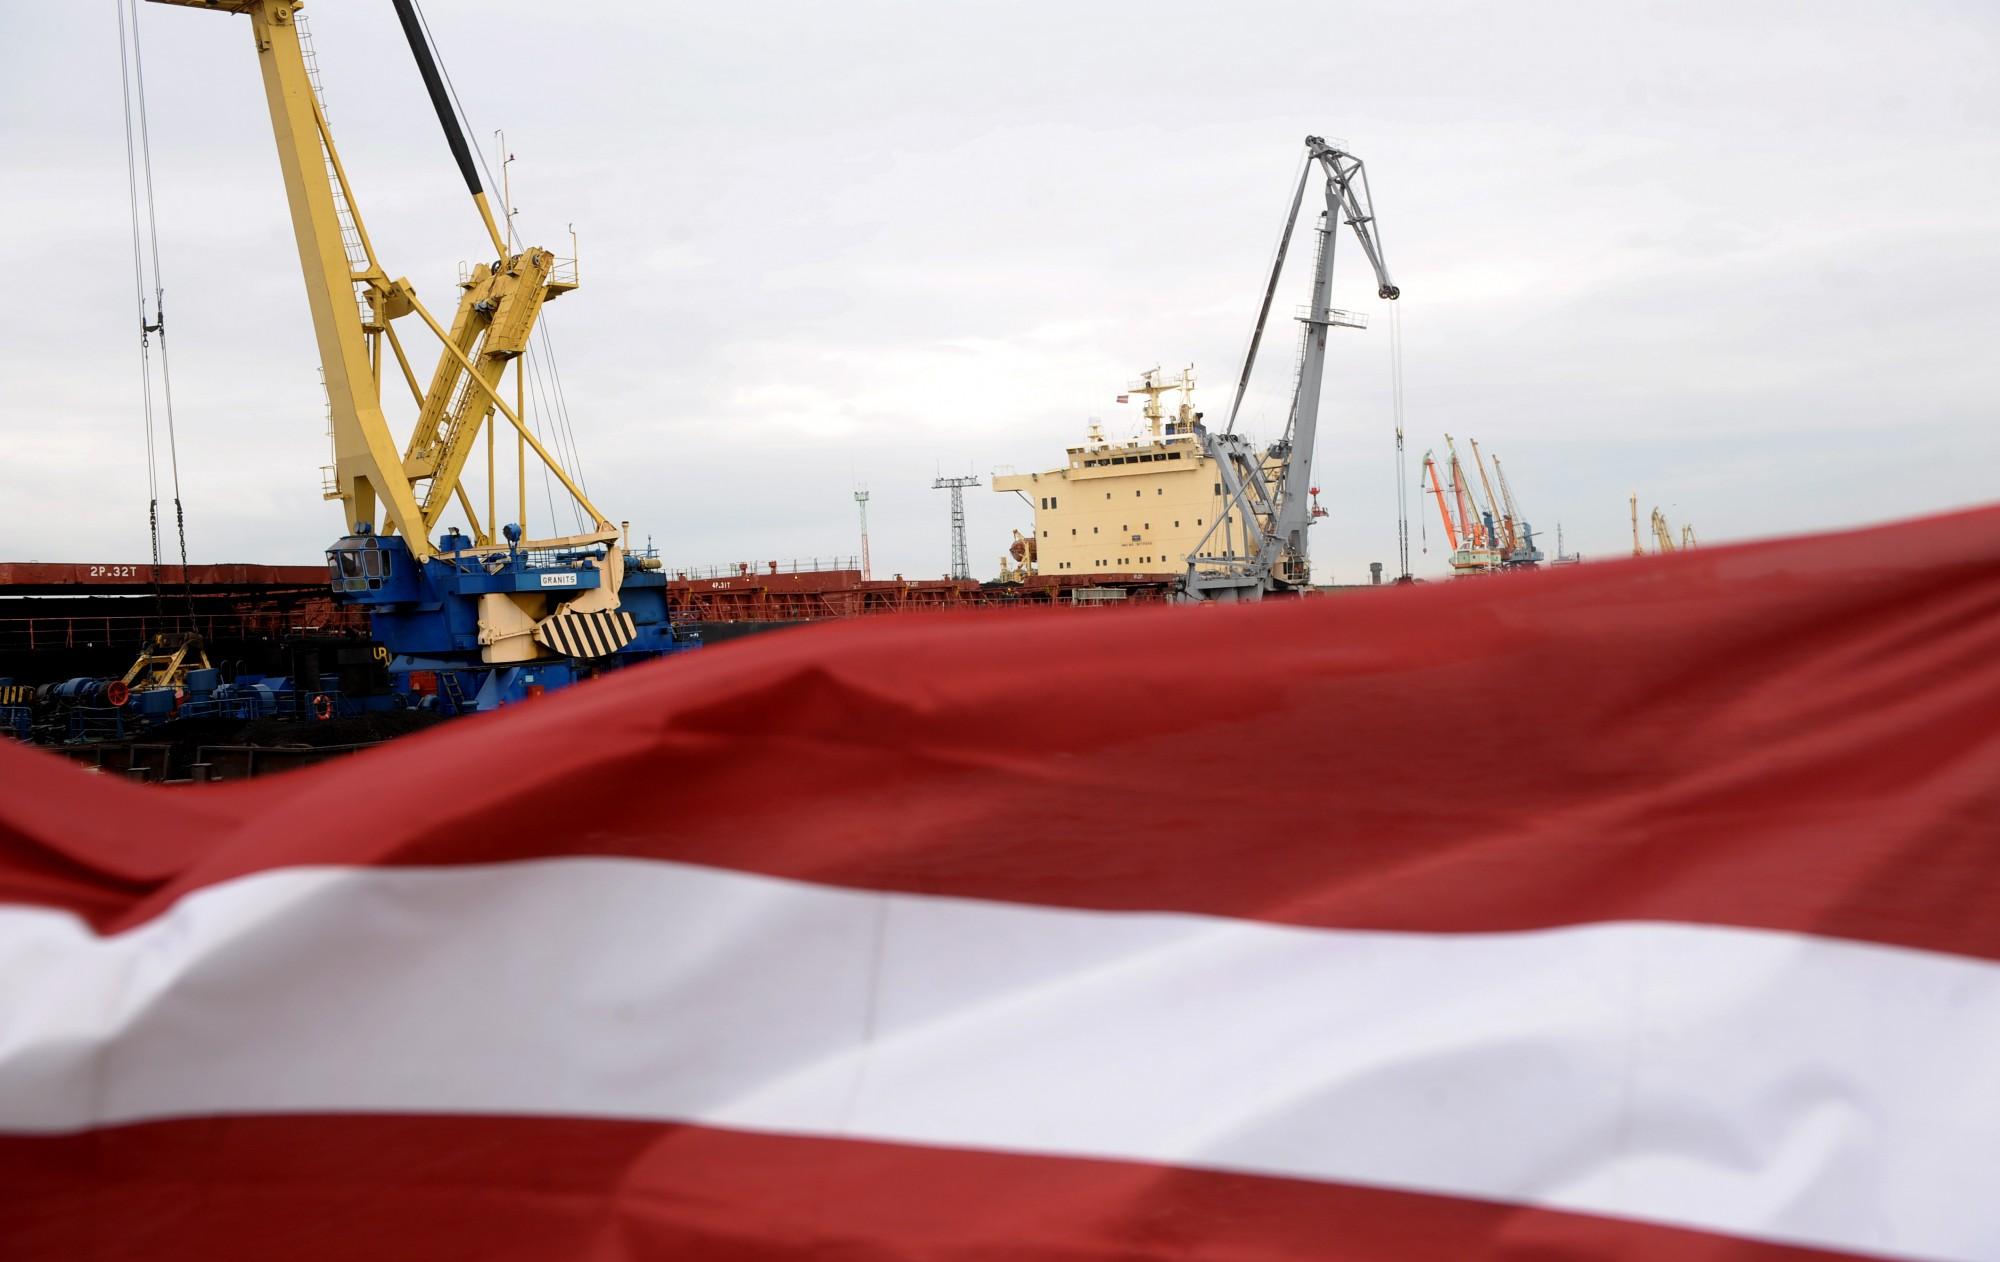 Правительство поддержало уменьшение зарплат на четверть членам правления крупных портов